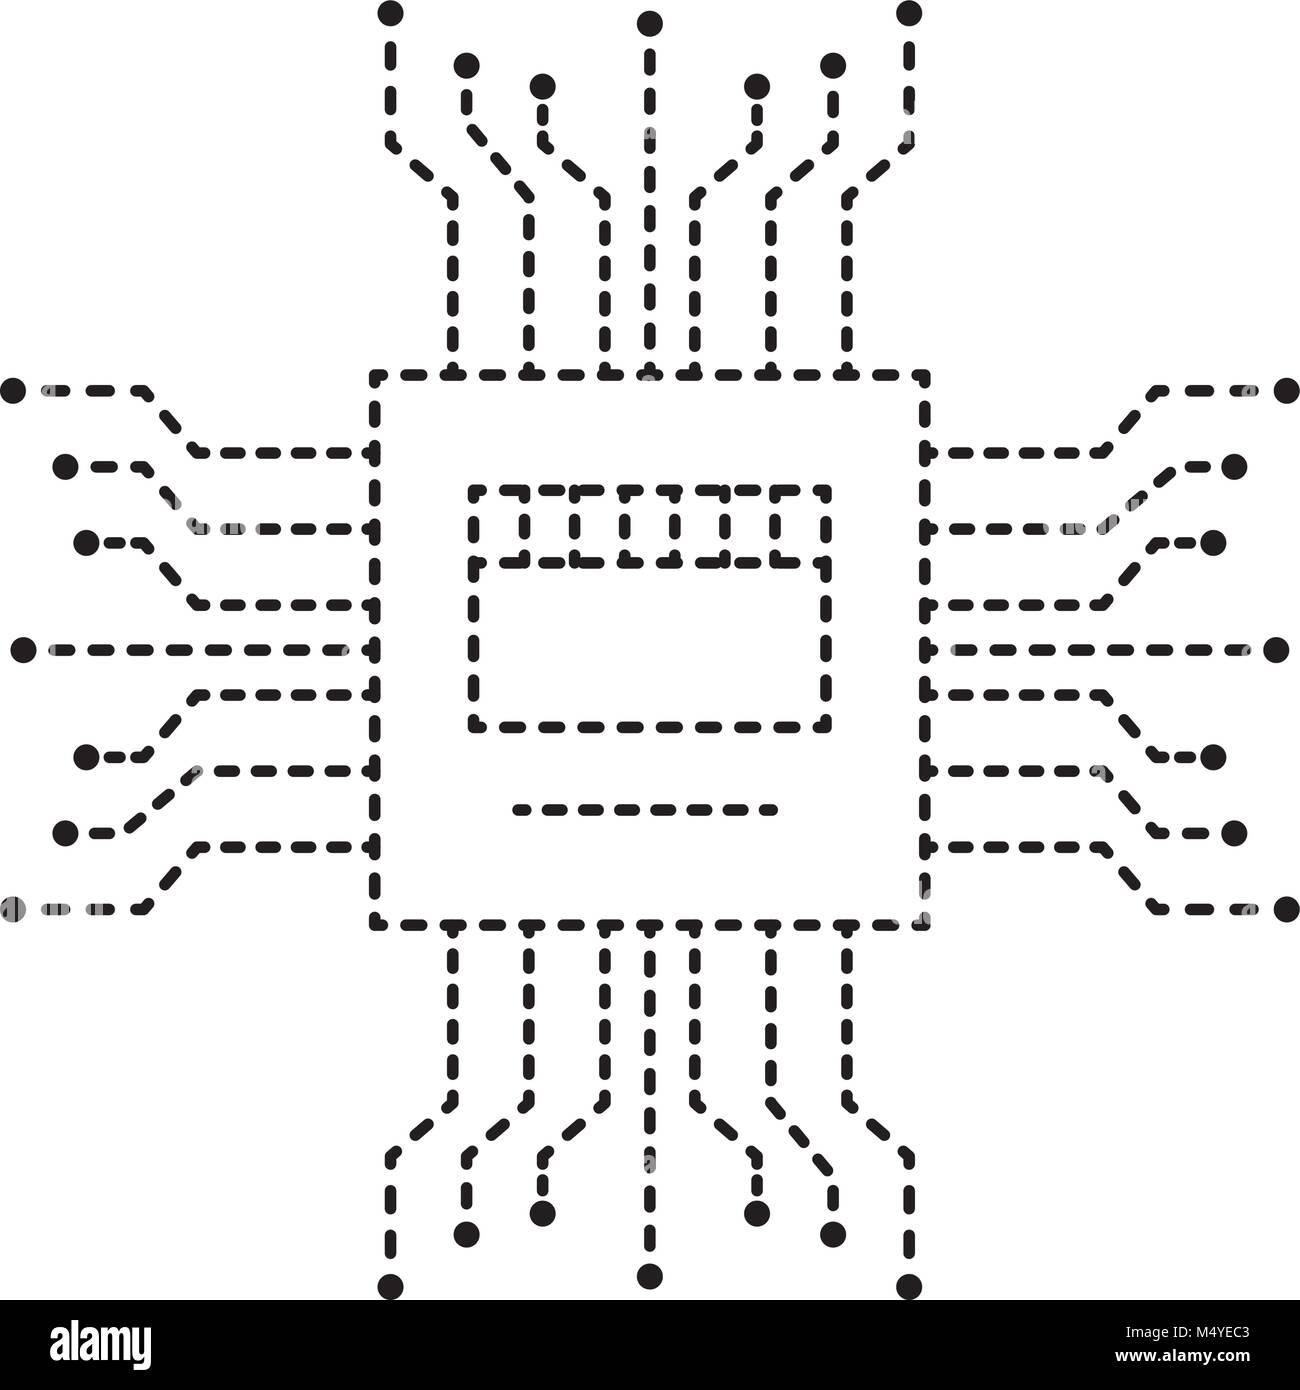 Ungewöhnlich Schematische Symbole Für Schalter Bilder - Elektrische ...